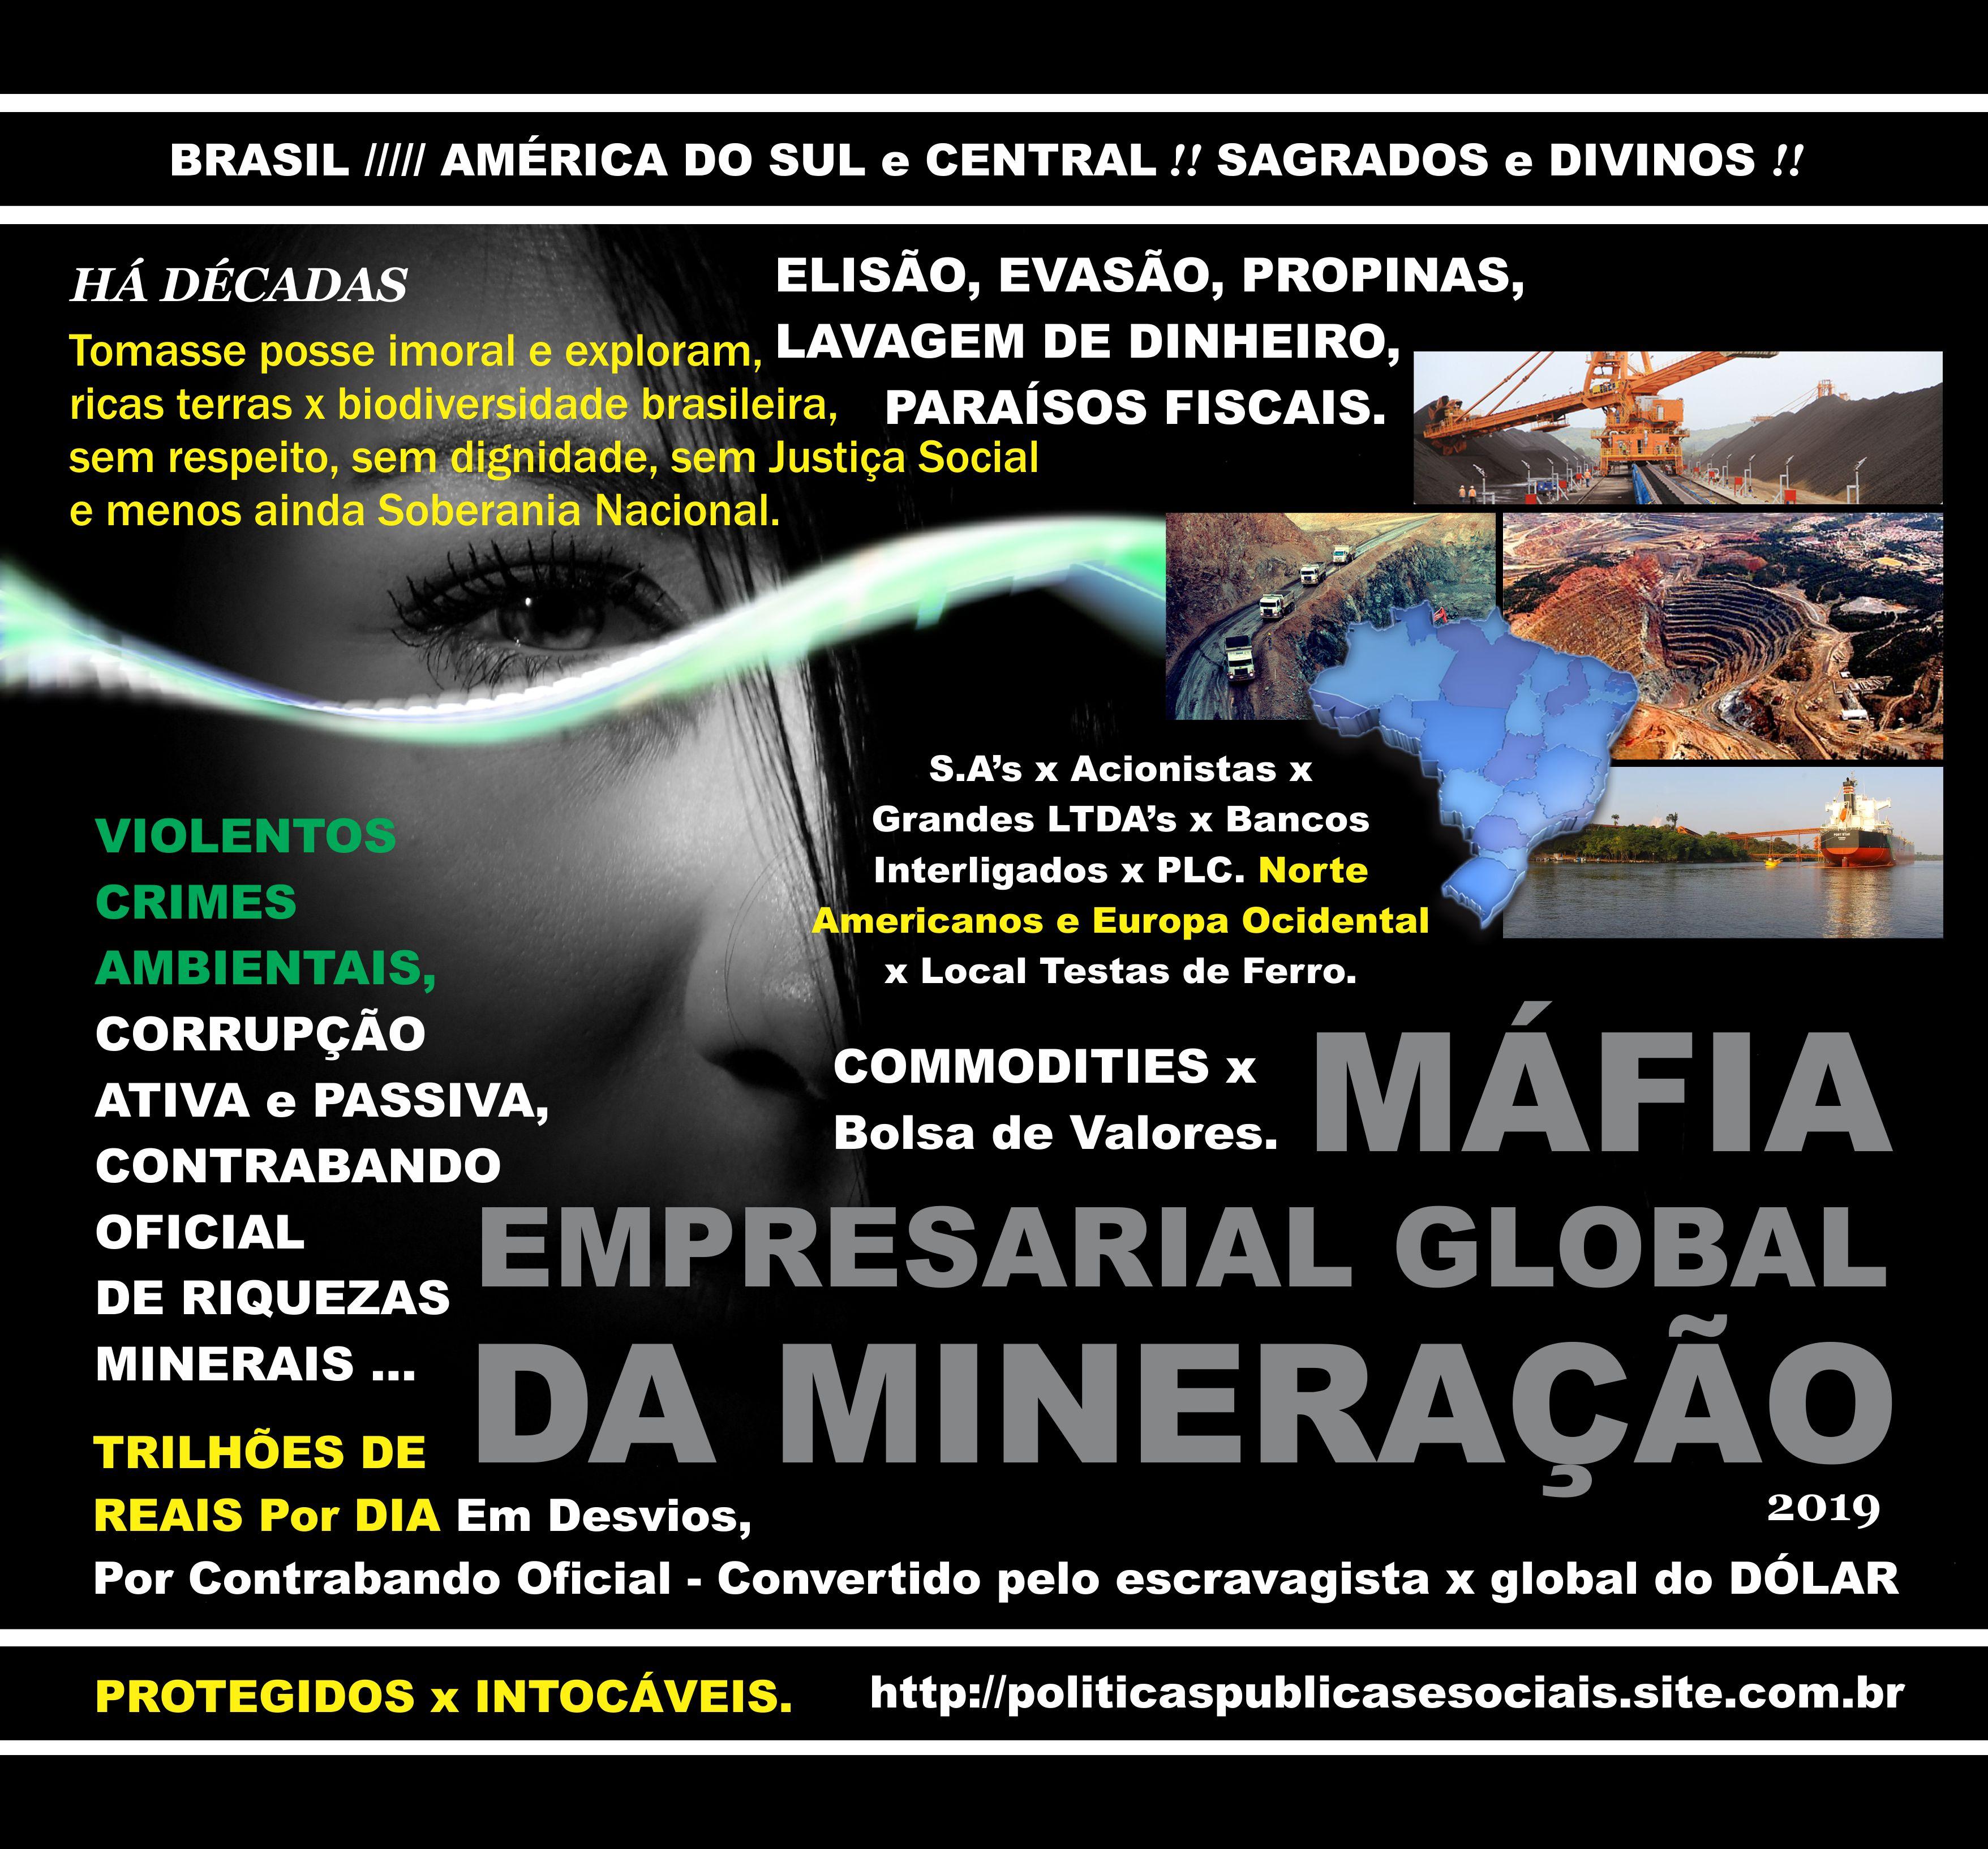 Máfia Empresarial Khazarian Global da Mineração x Local Testas de Ferro